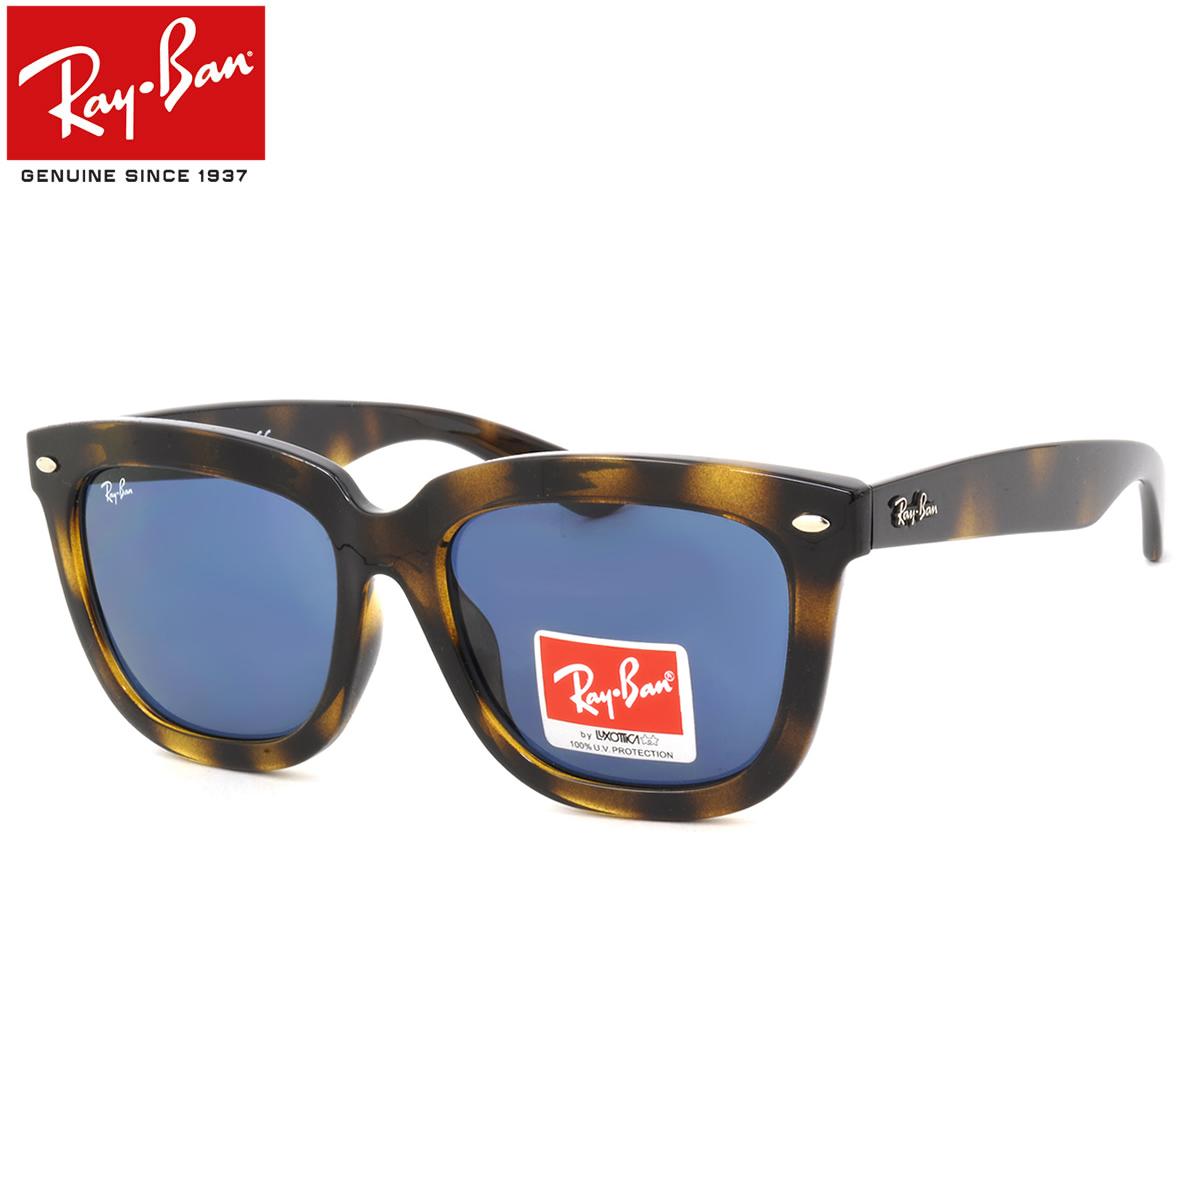 ポイント最大42倍!!お得なクーポンも !! レイバン サングラス アジアエリア限定 Ray-Ban RB4262D 710/80 57サイズレイバン RAYBAN 71080 べっ甲 べっこう アジアンフィット メンズ レディース